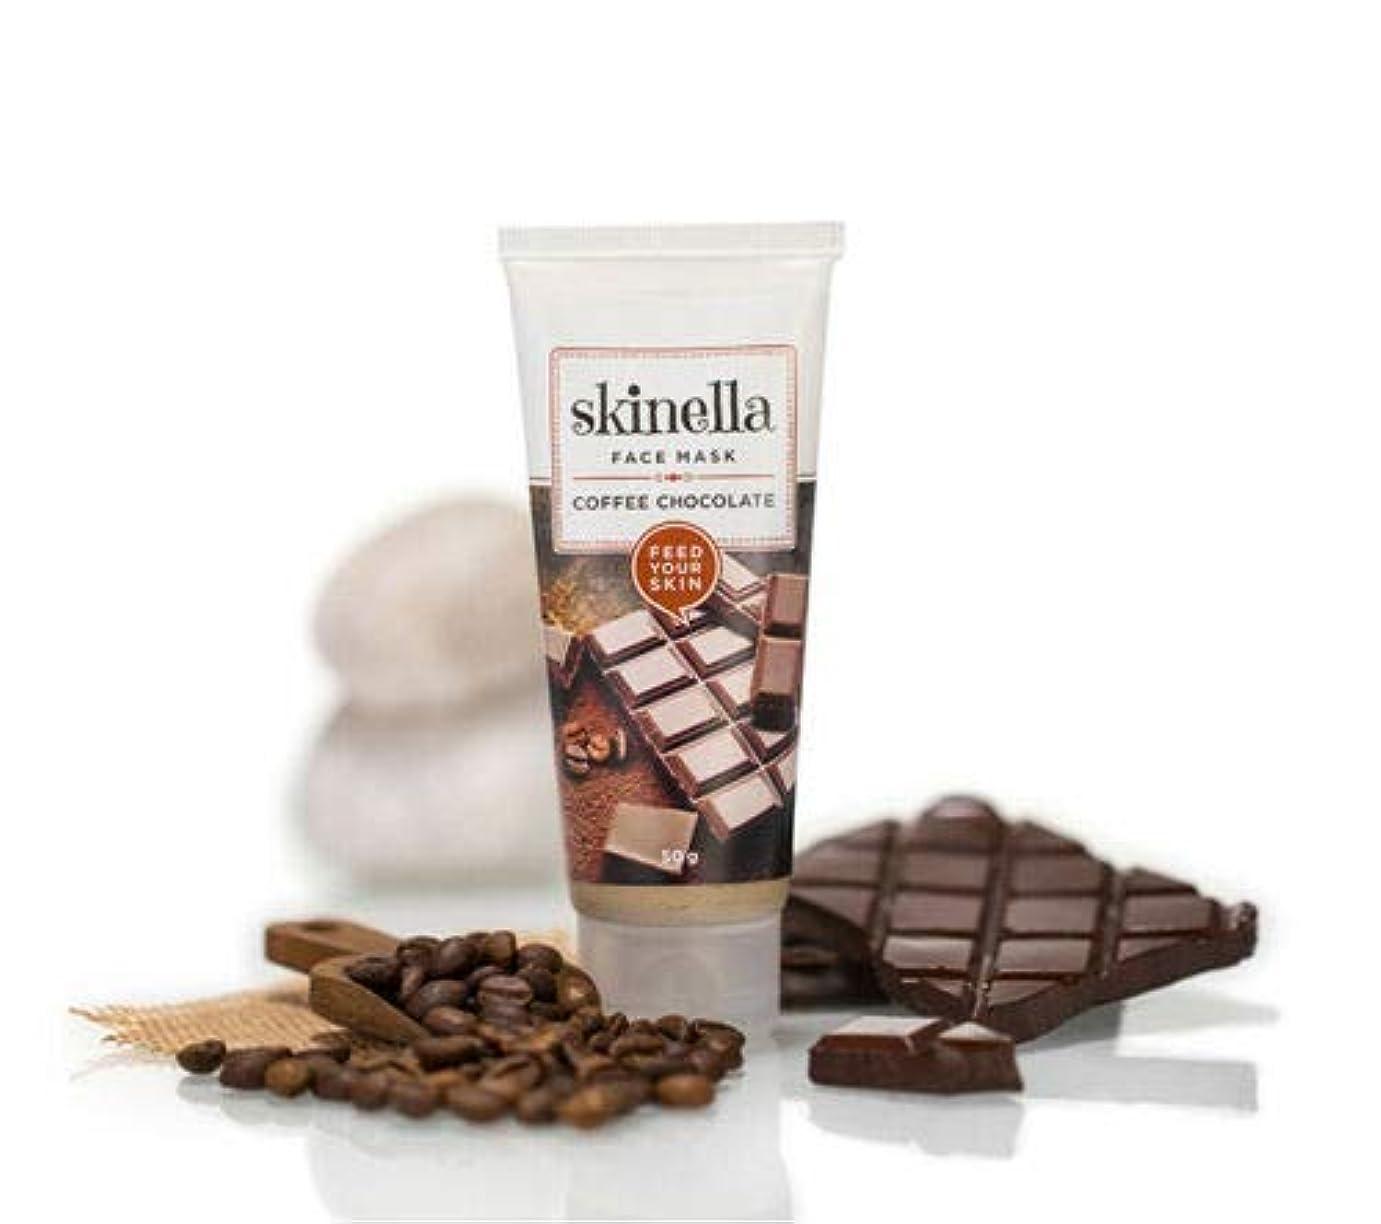 ありふれた祈り限定Skinella Coffee Chocolate Face Mask 50g for a hydrated and rejuvenated look Skinellaコーヒーチョコレートフェイスマスク50g